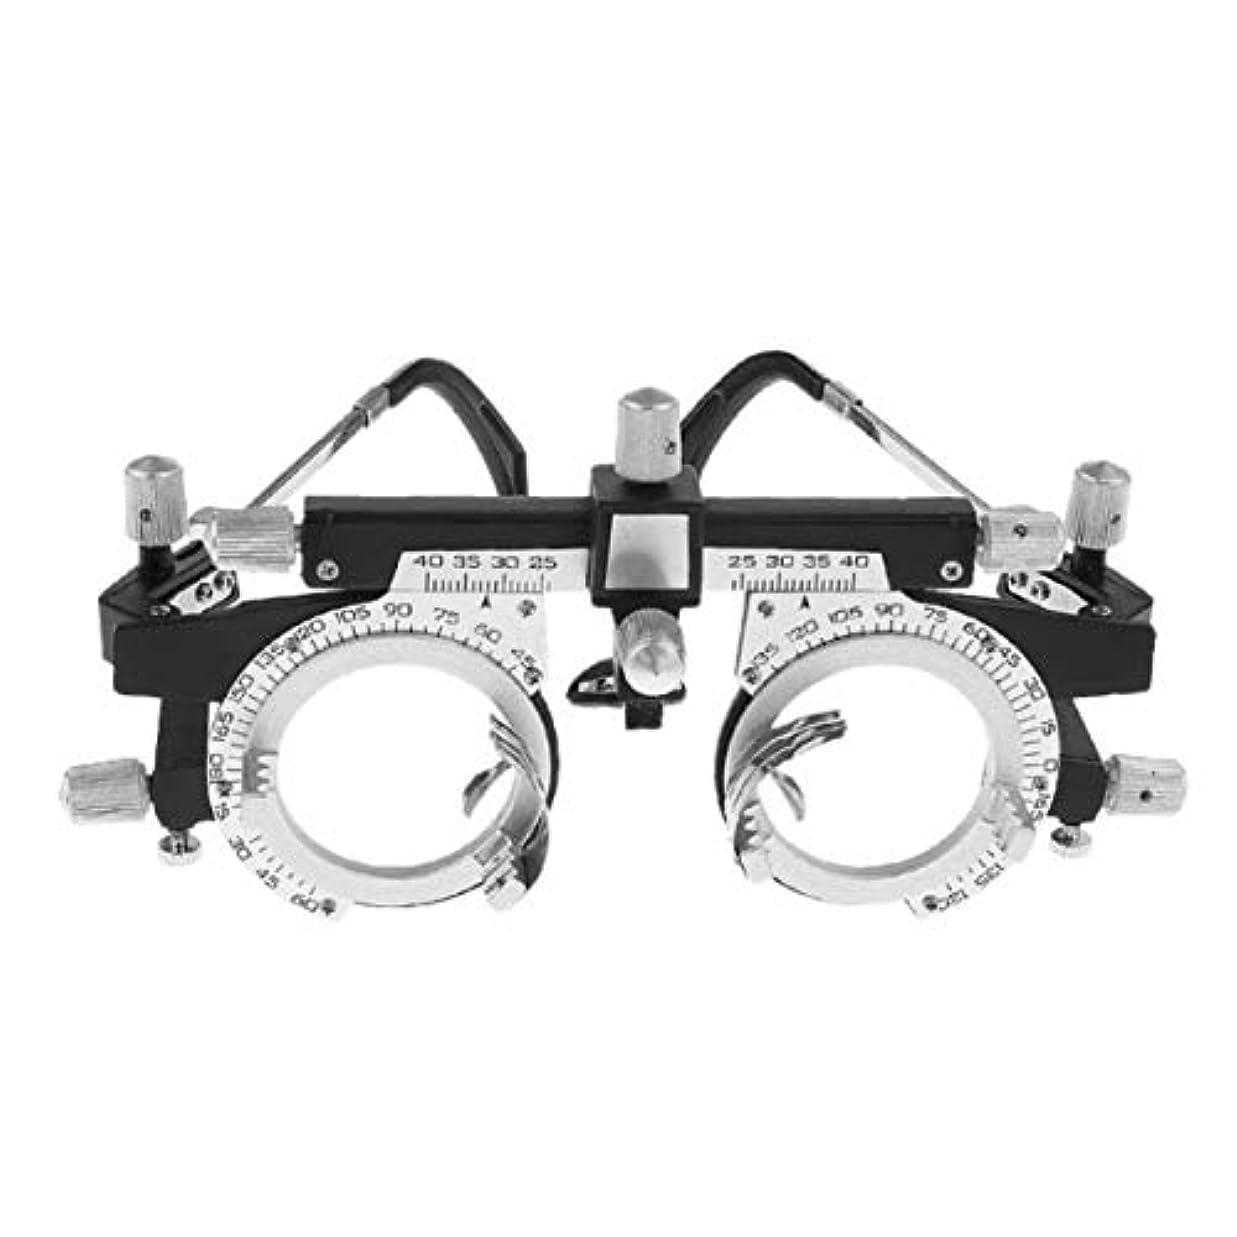 囲まれたメイン歯調節可能なプロフェッショナルアイウェア検眼メタルフレーム光学オプティクストライアルレンズメタルフレームPDメガネアクセサリー - シルバー&ブラック